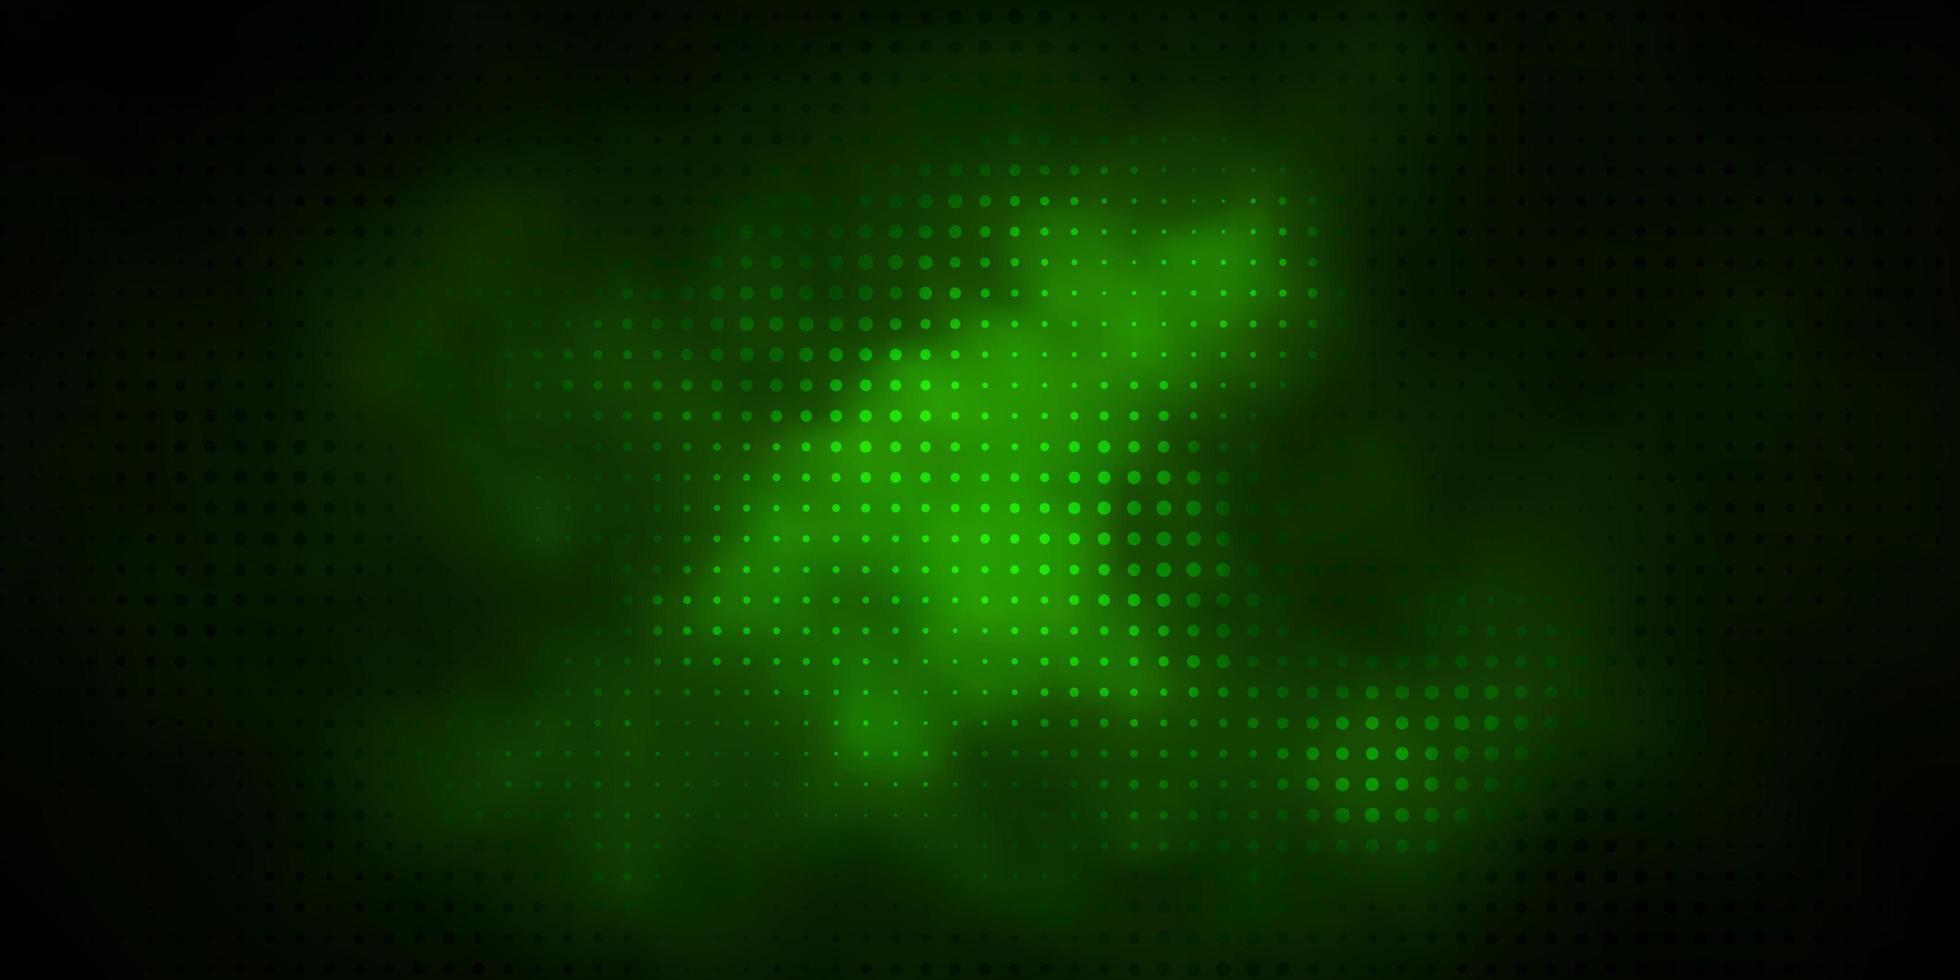 mörkgrön konsistens med cirklar. vektor